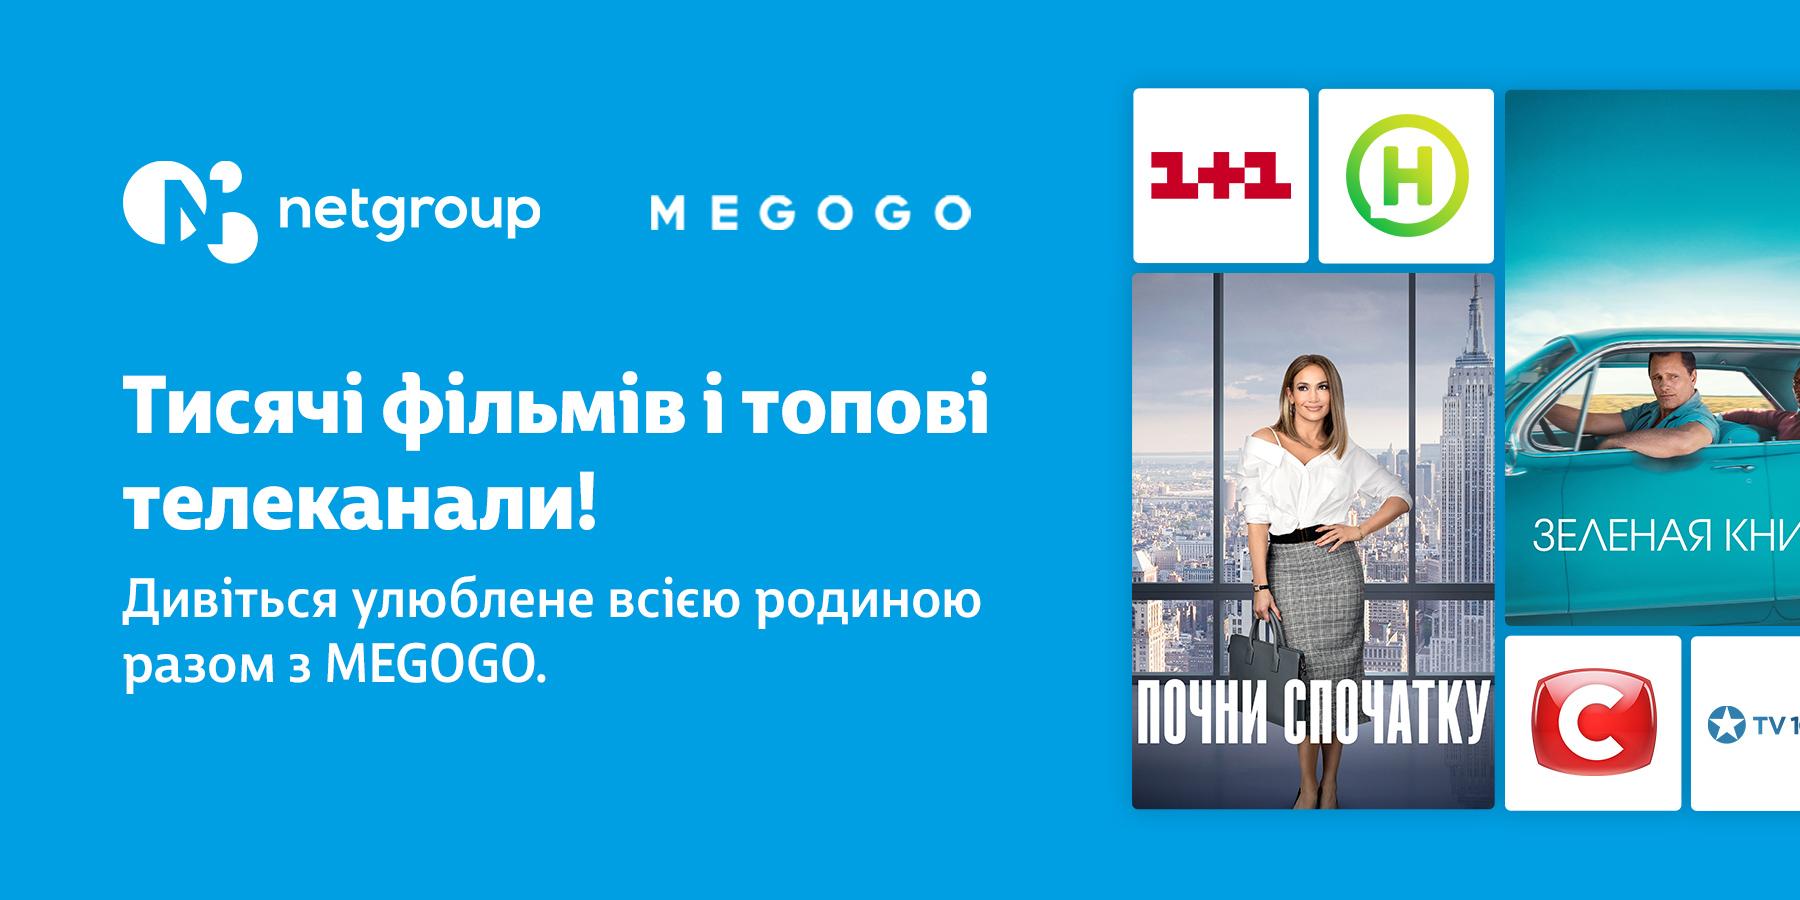 підключити телебачення | megogo | netgroup